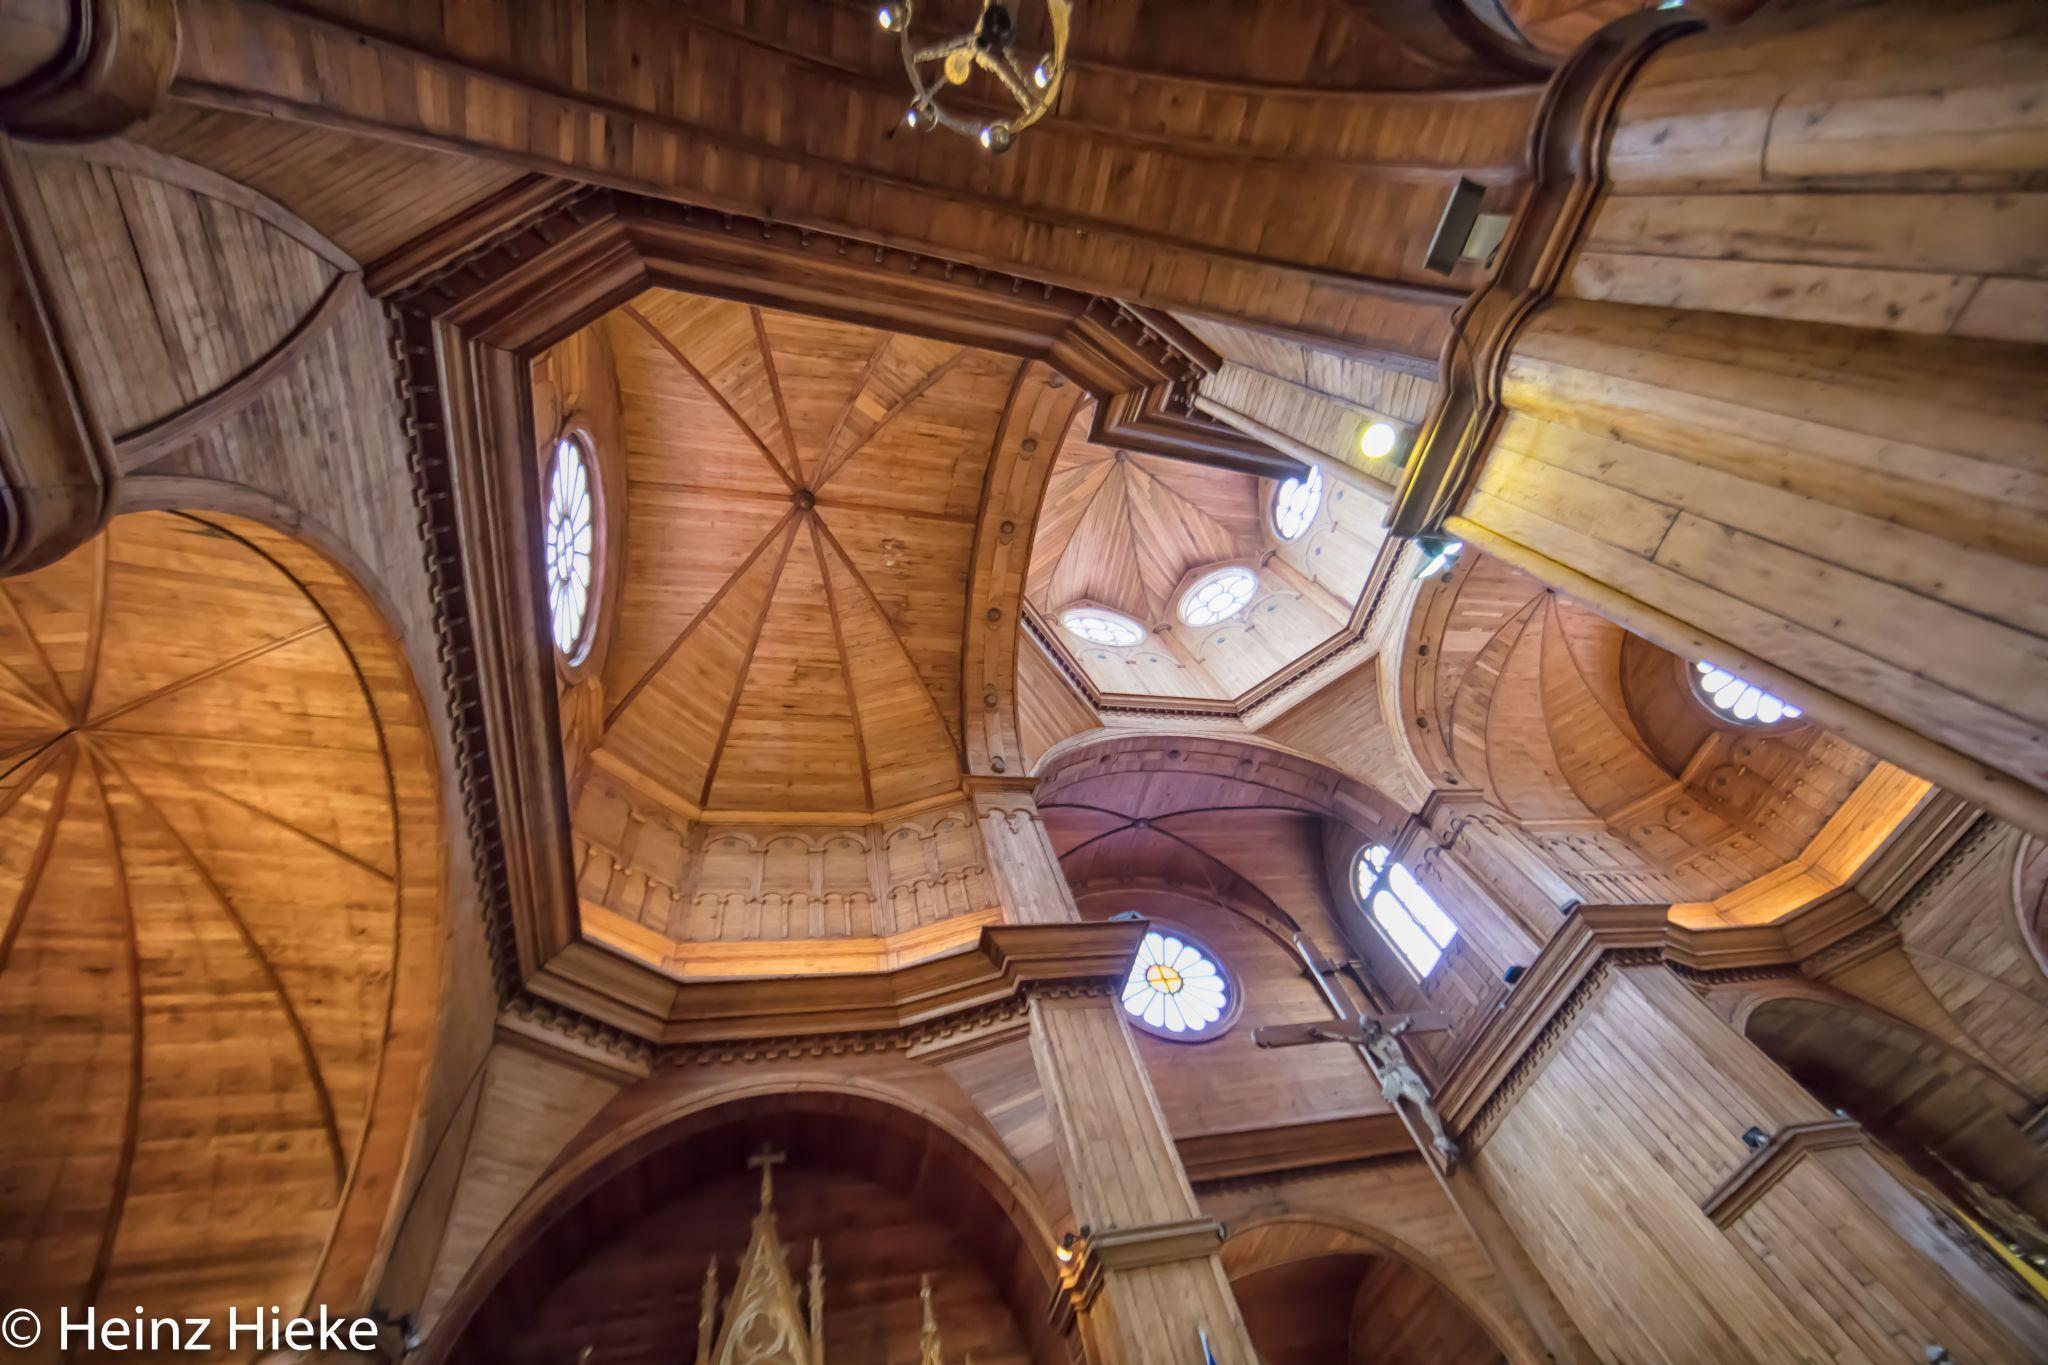 Iglesia de San Francisco, Chile